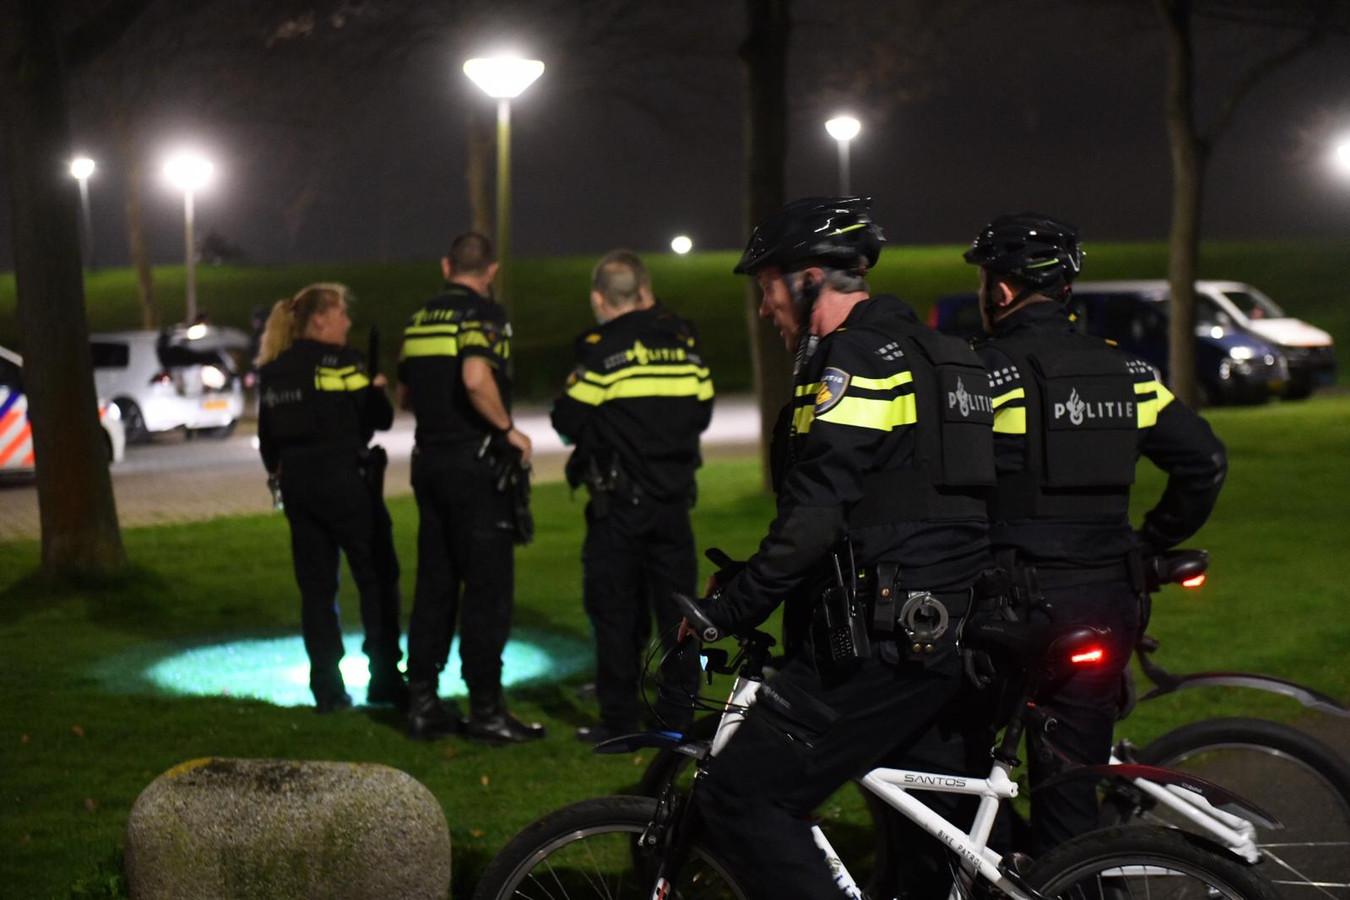 De politie startte een grote zoekactie naar de dader in de omgeving van de Marga Klompéstraat.